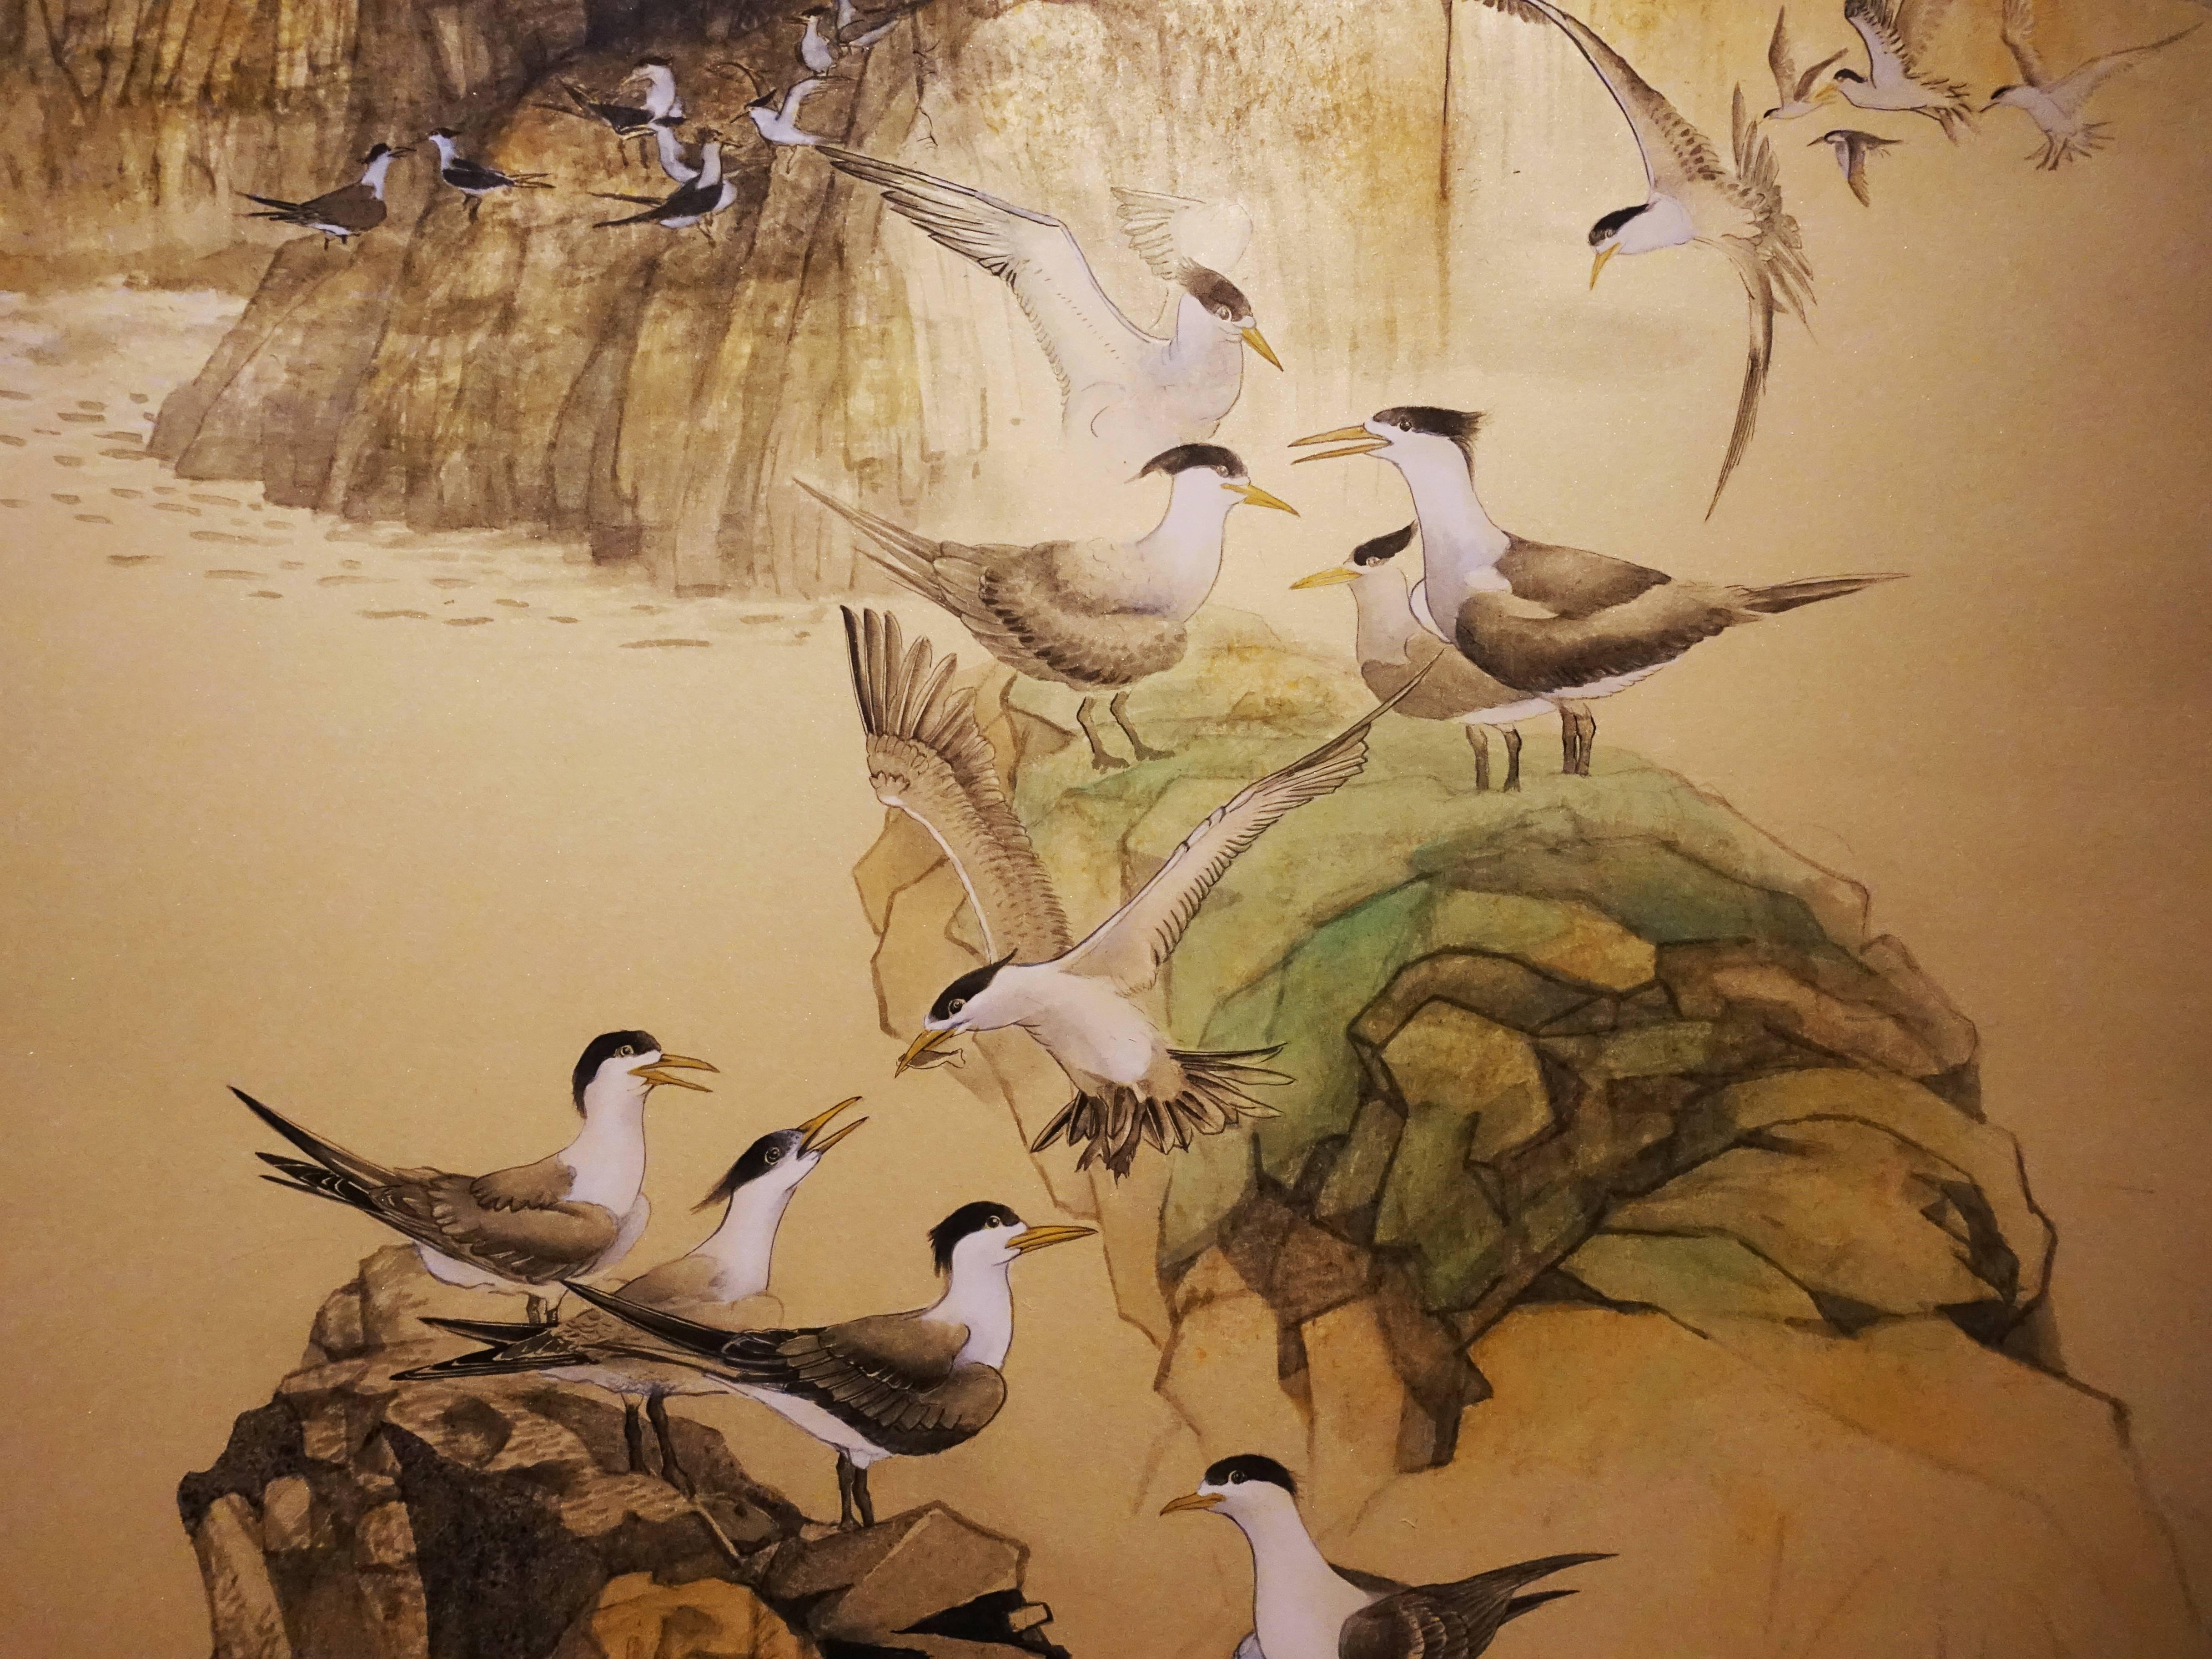 黃淑卿,《群鷗處處來2》細節,223 x 101 cm,紙本、彩墨,2019。